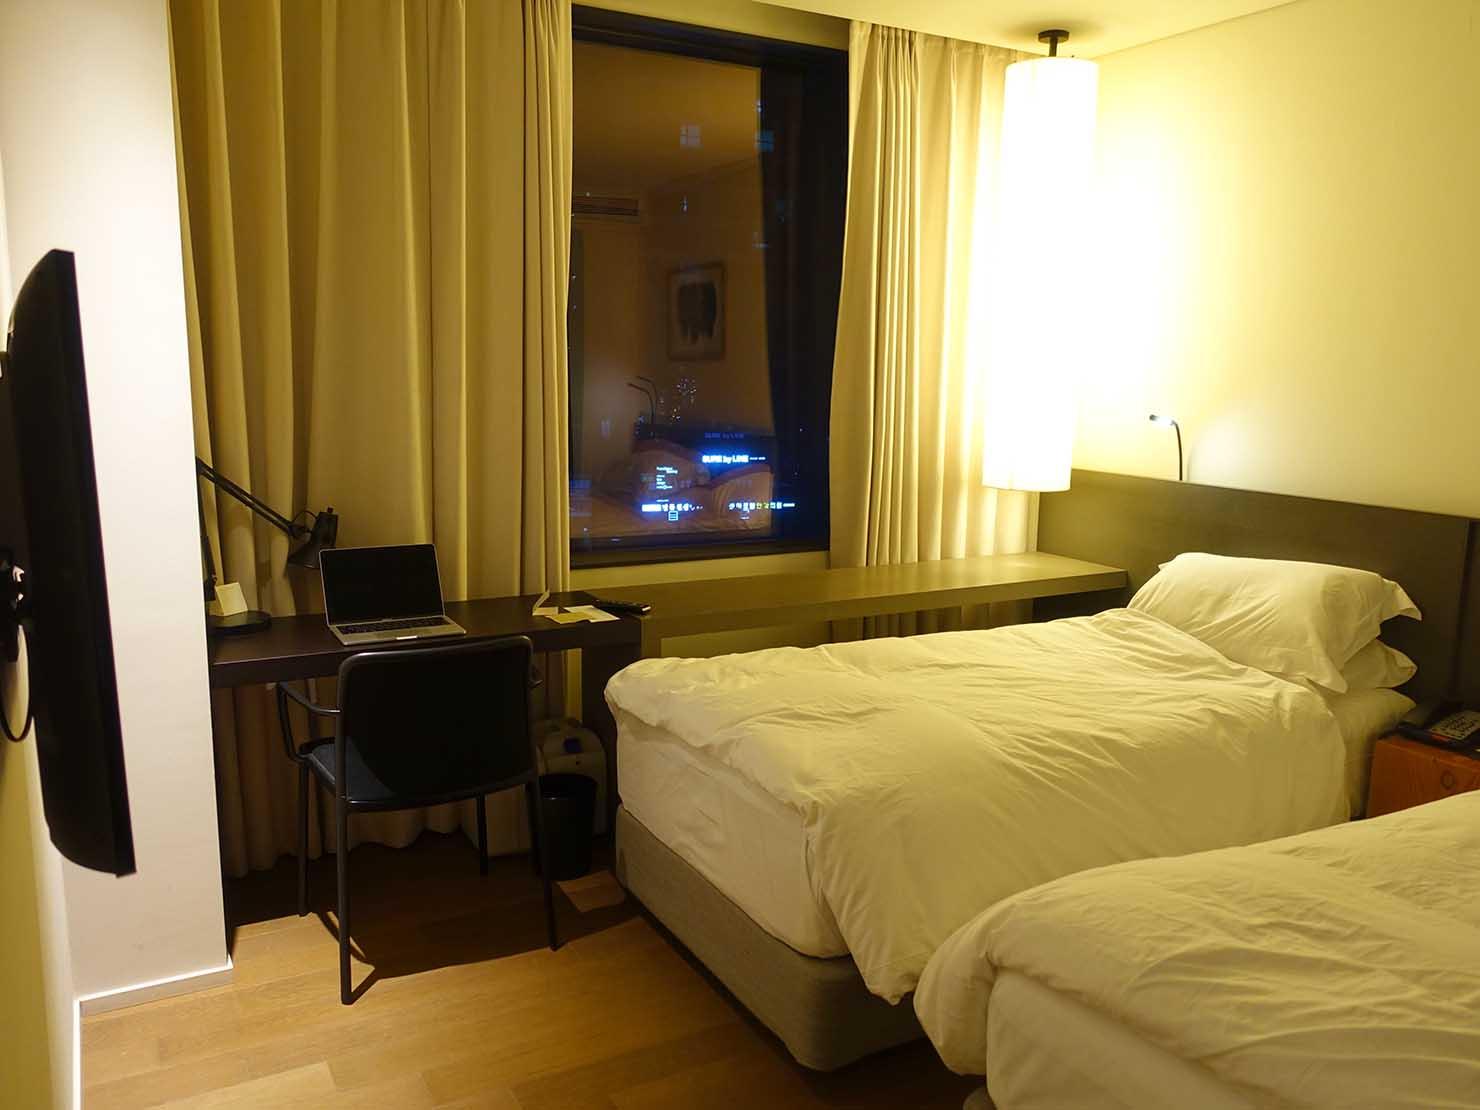 ソウル観光に超便利なアクセス抜群の特2級ホテル「新羅ステイ麻浦 Shilla Stay Mapo」スタンダードツイン